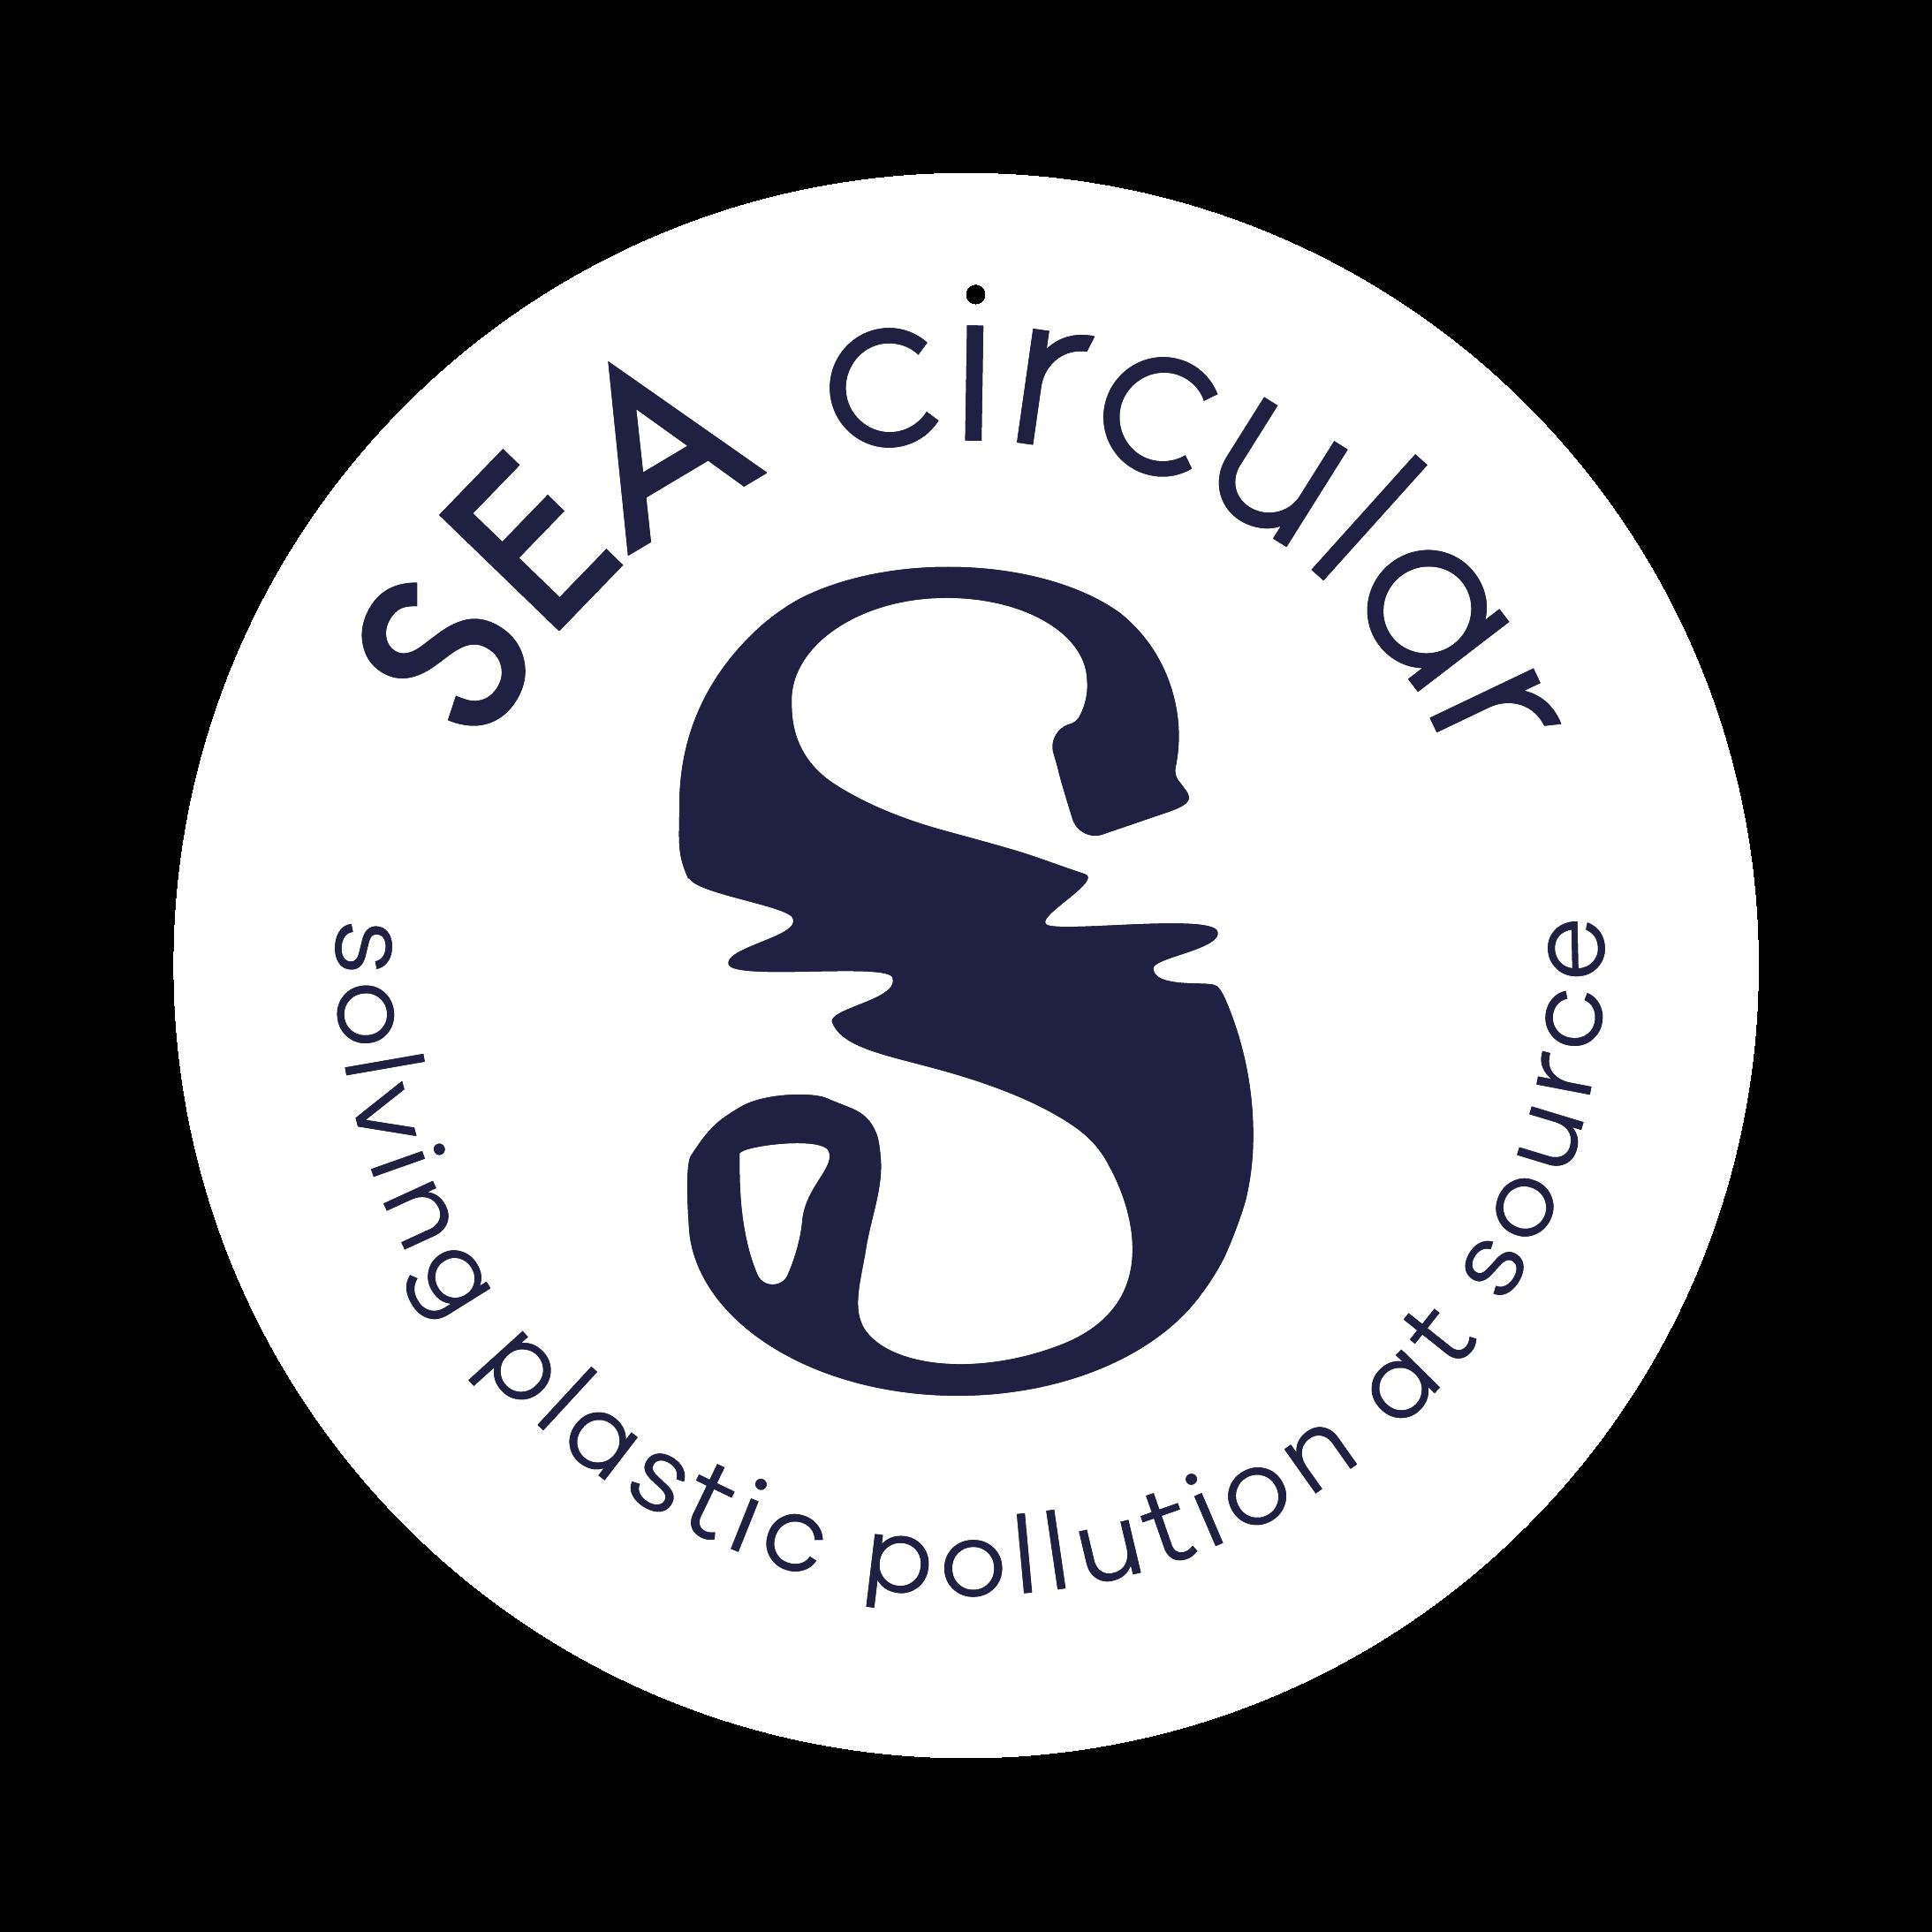 Sea Circular